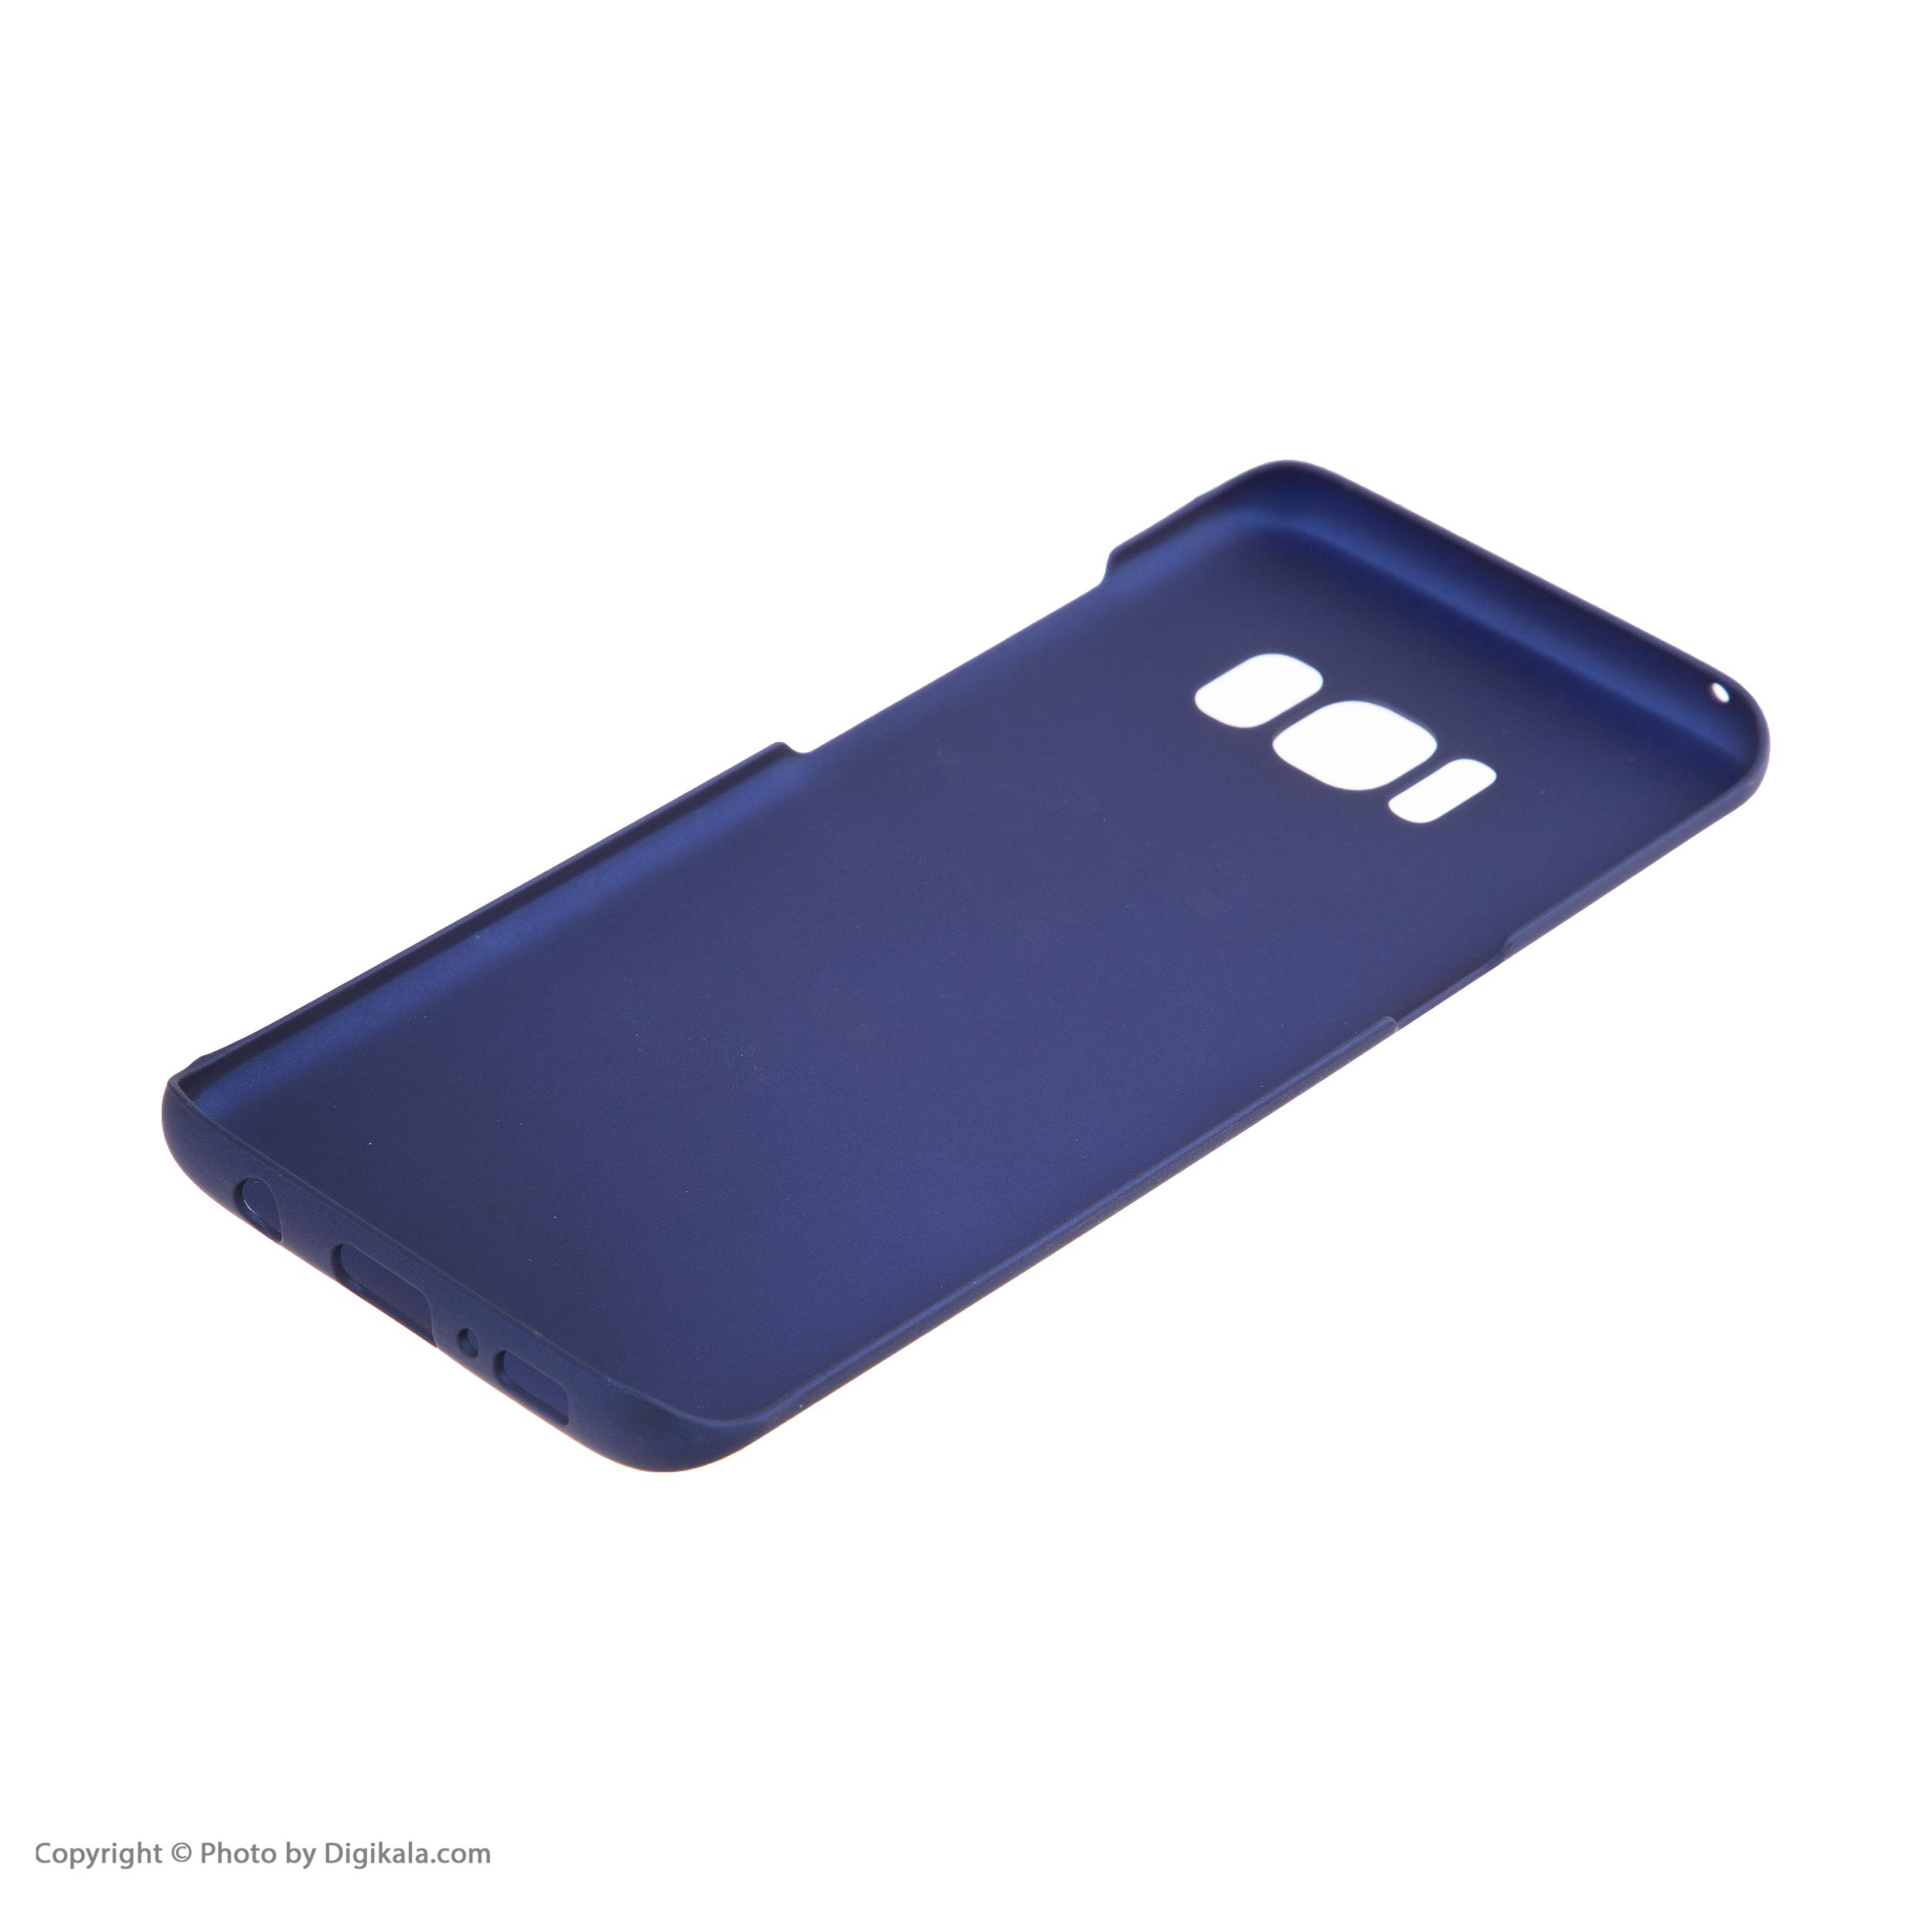 کاور جوی روم مدل JR-BP276 مناسب برای گوشی موبایل سامسونگGalaxy S8